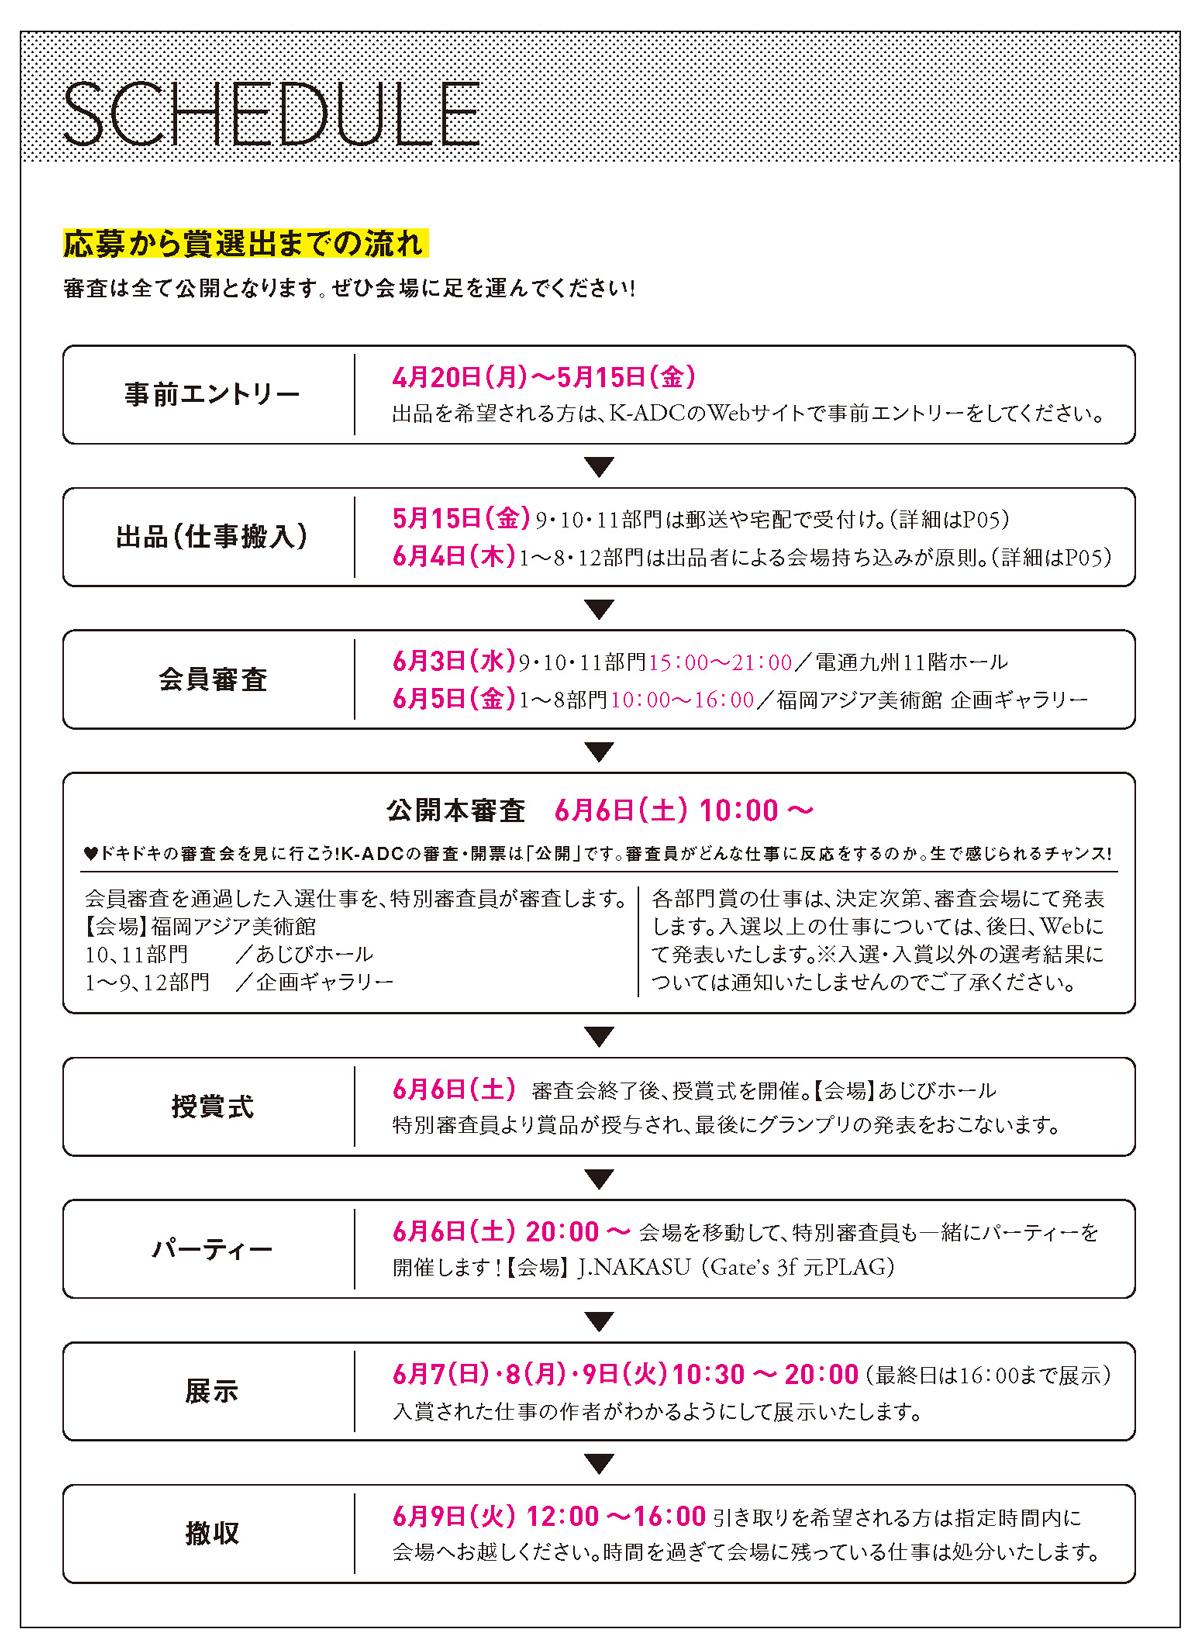 スケジュール2015